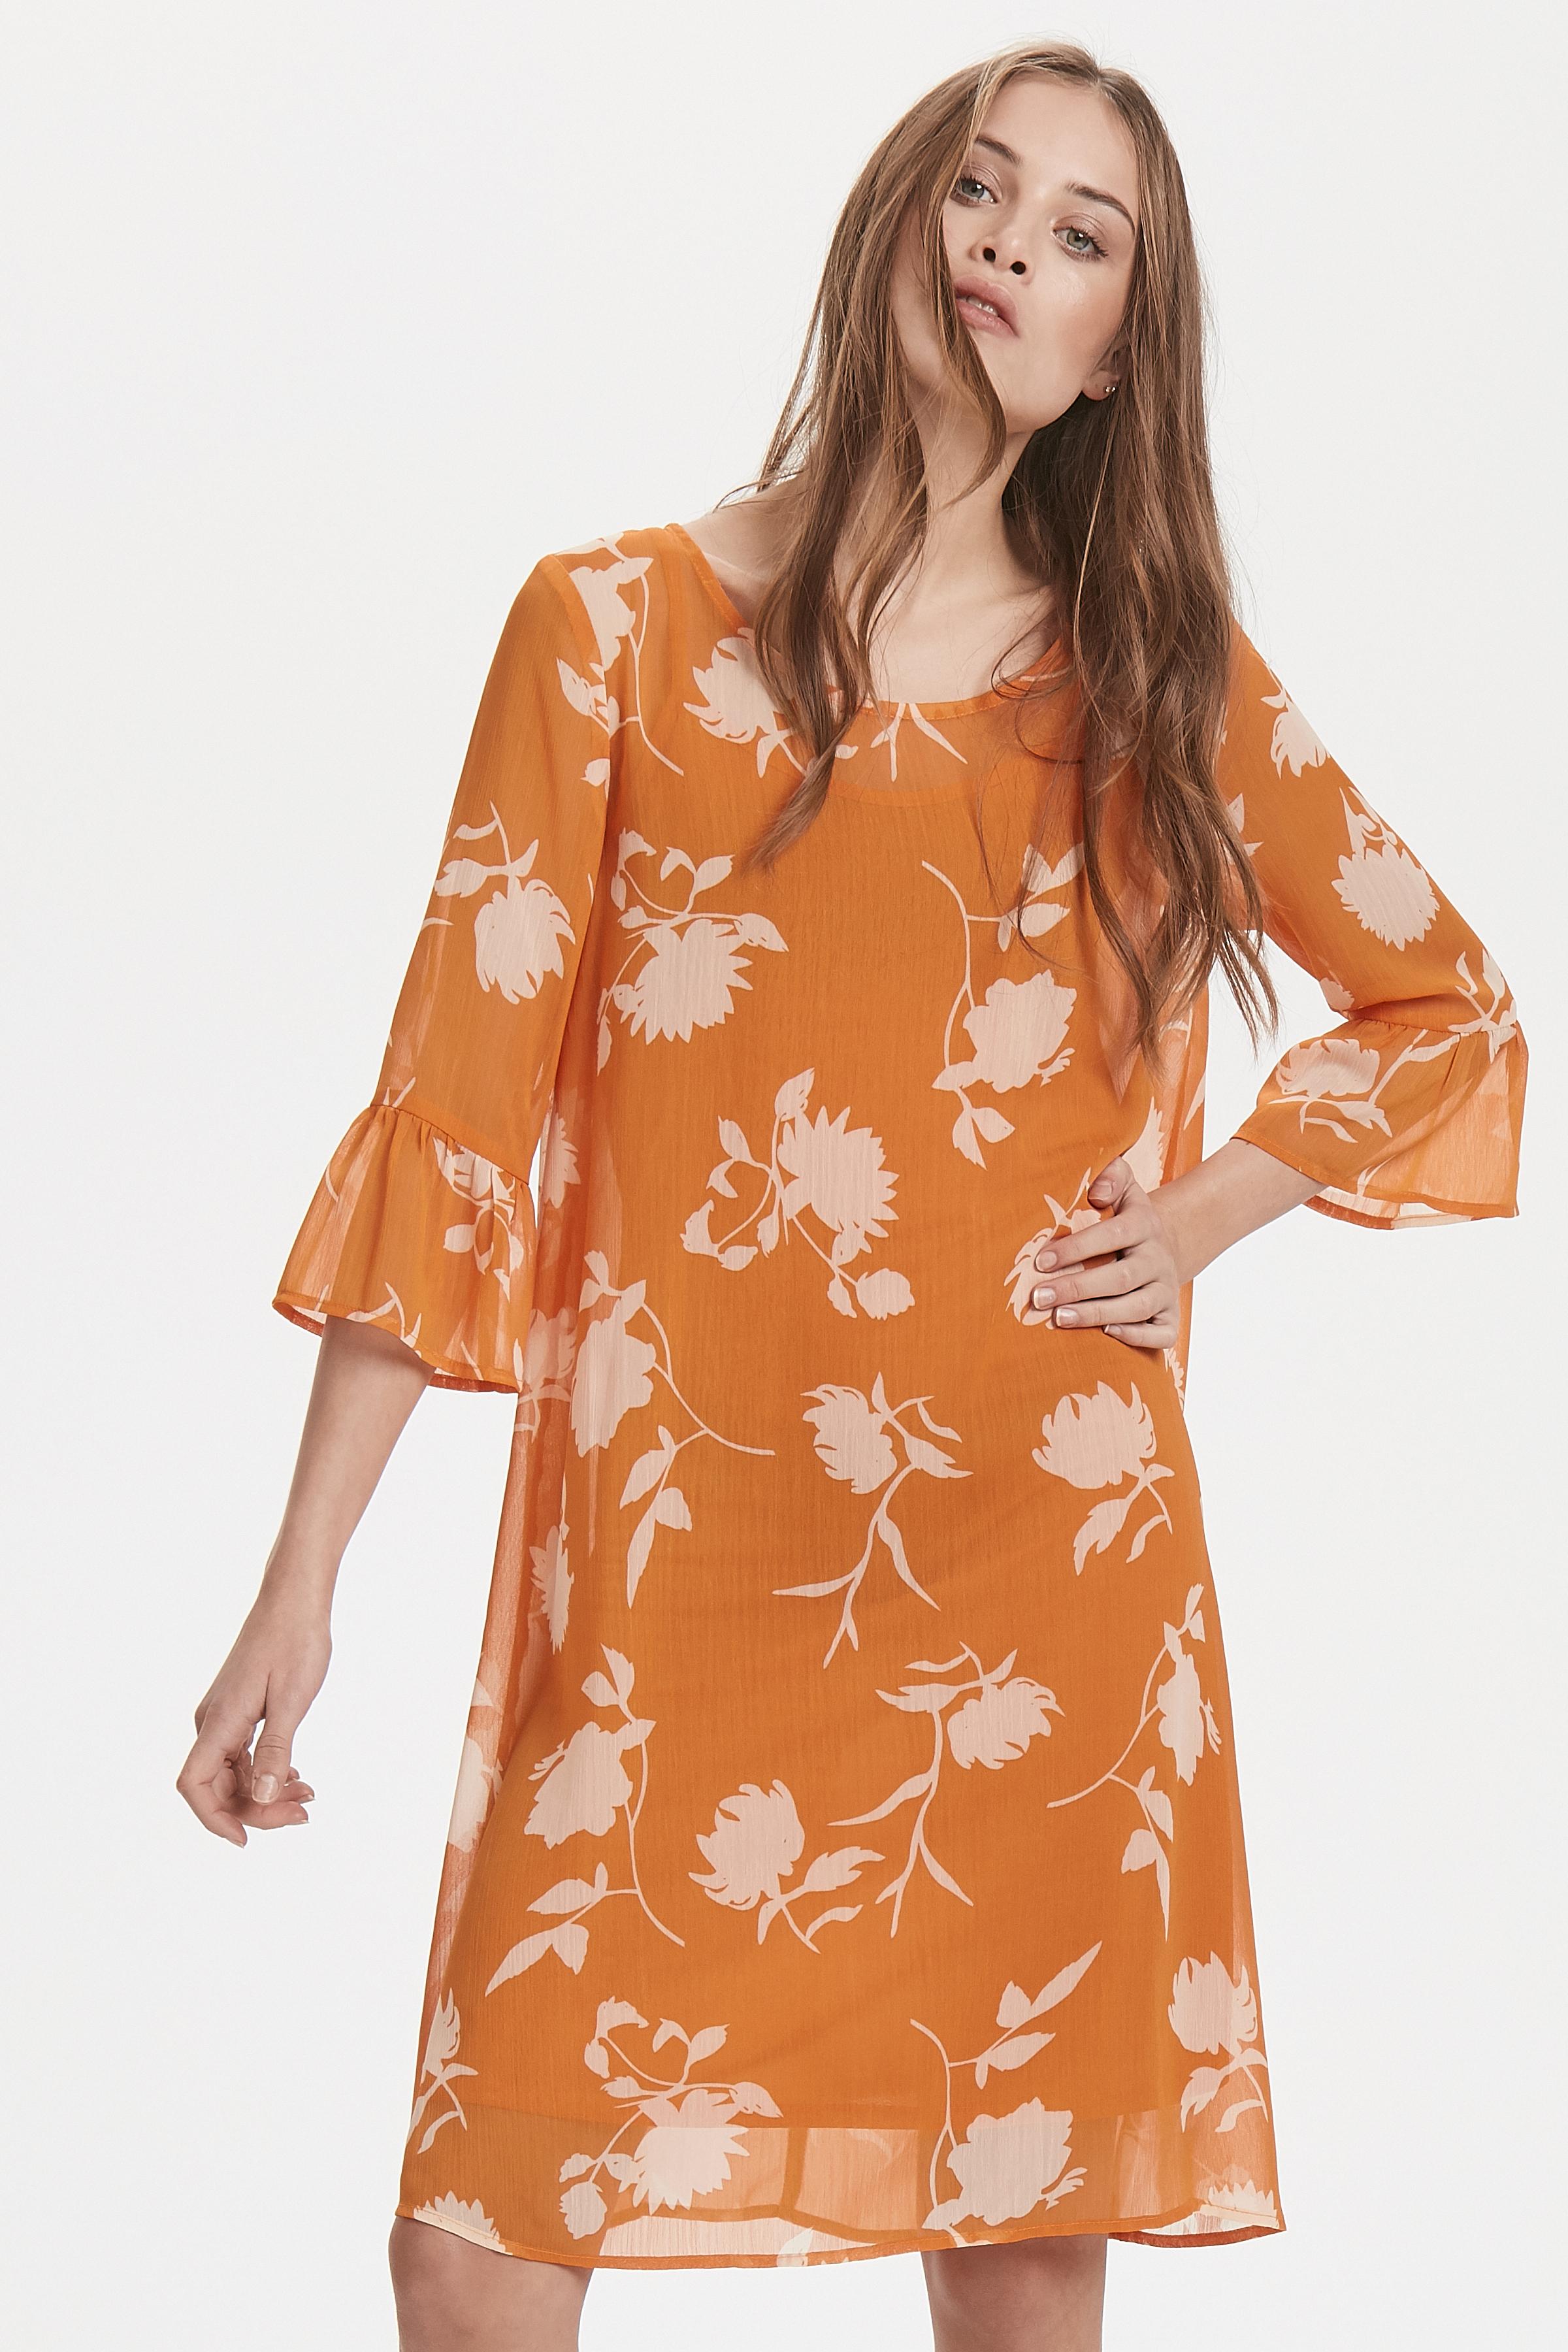 Russet Orange Kjole – Køb Russet Orange Kjole fra str. XS-XL her